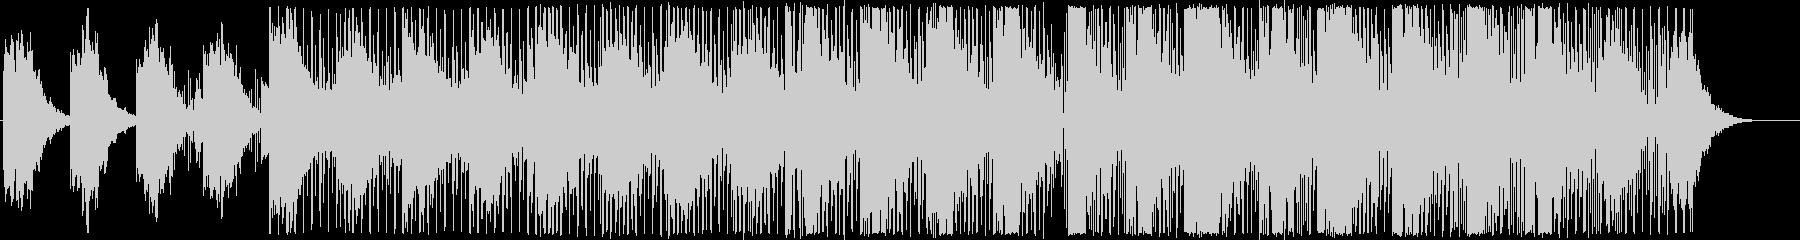 インフォグラフィックに浮遊感のあるBGMの未再生の波形